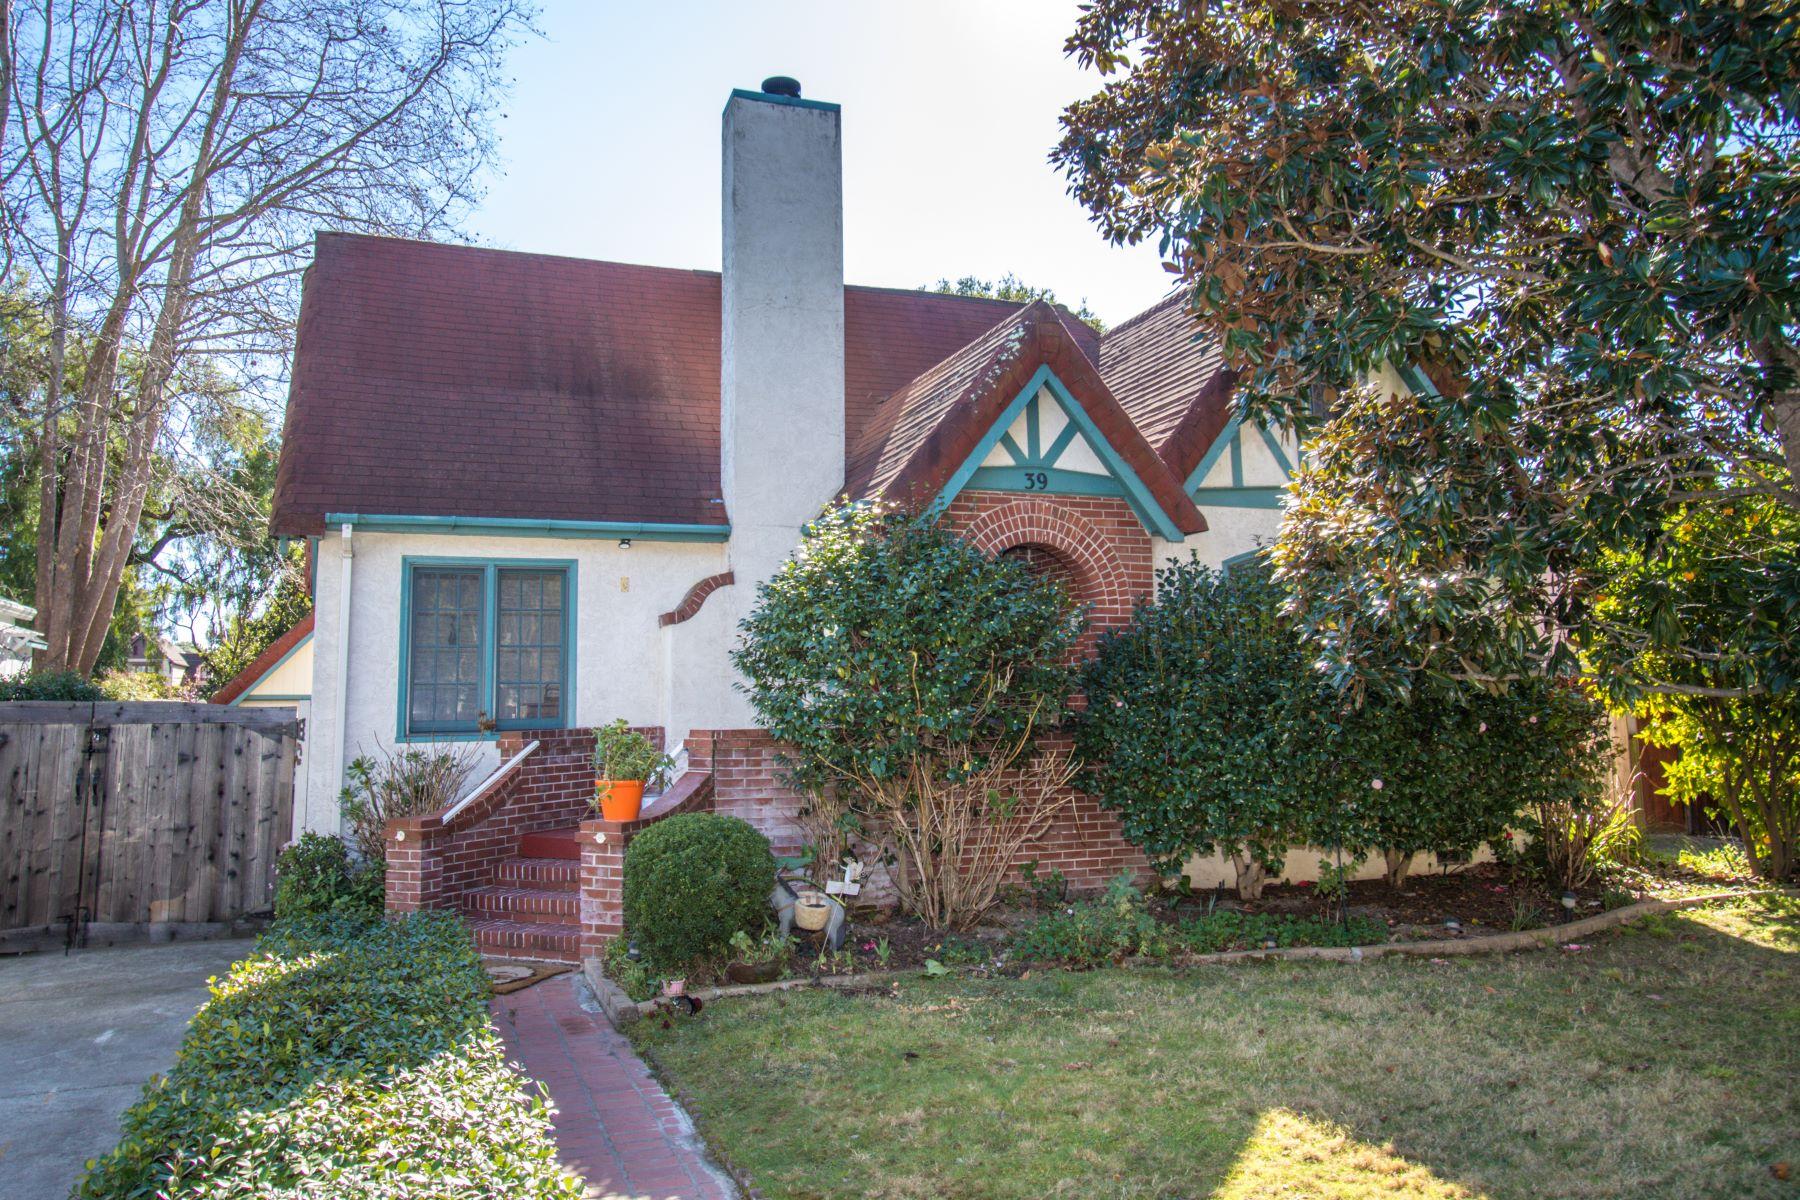 Single Family Homes para Venda às Large 1926 Tudor Home in Wellesley Park 39 Finger Avenue, Redwood City, Califórnia 94062 Estados Unidos